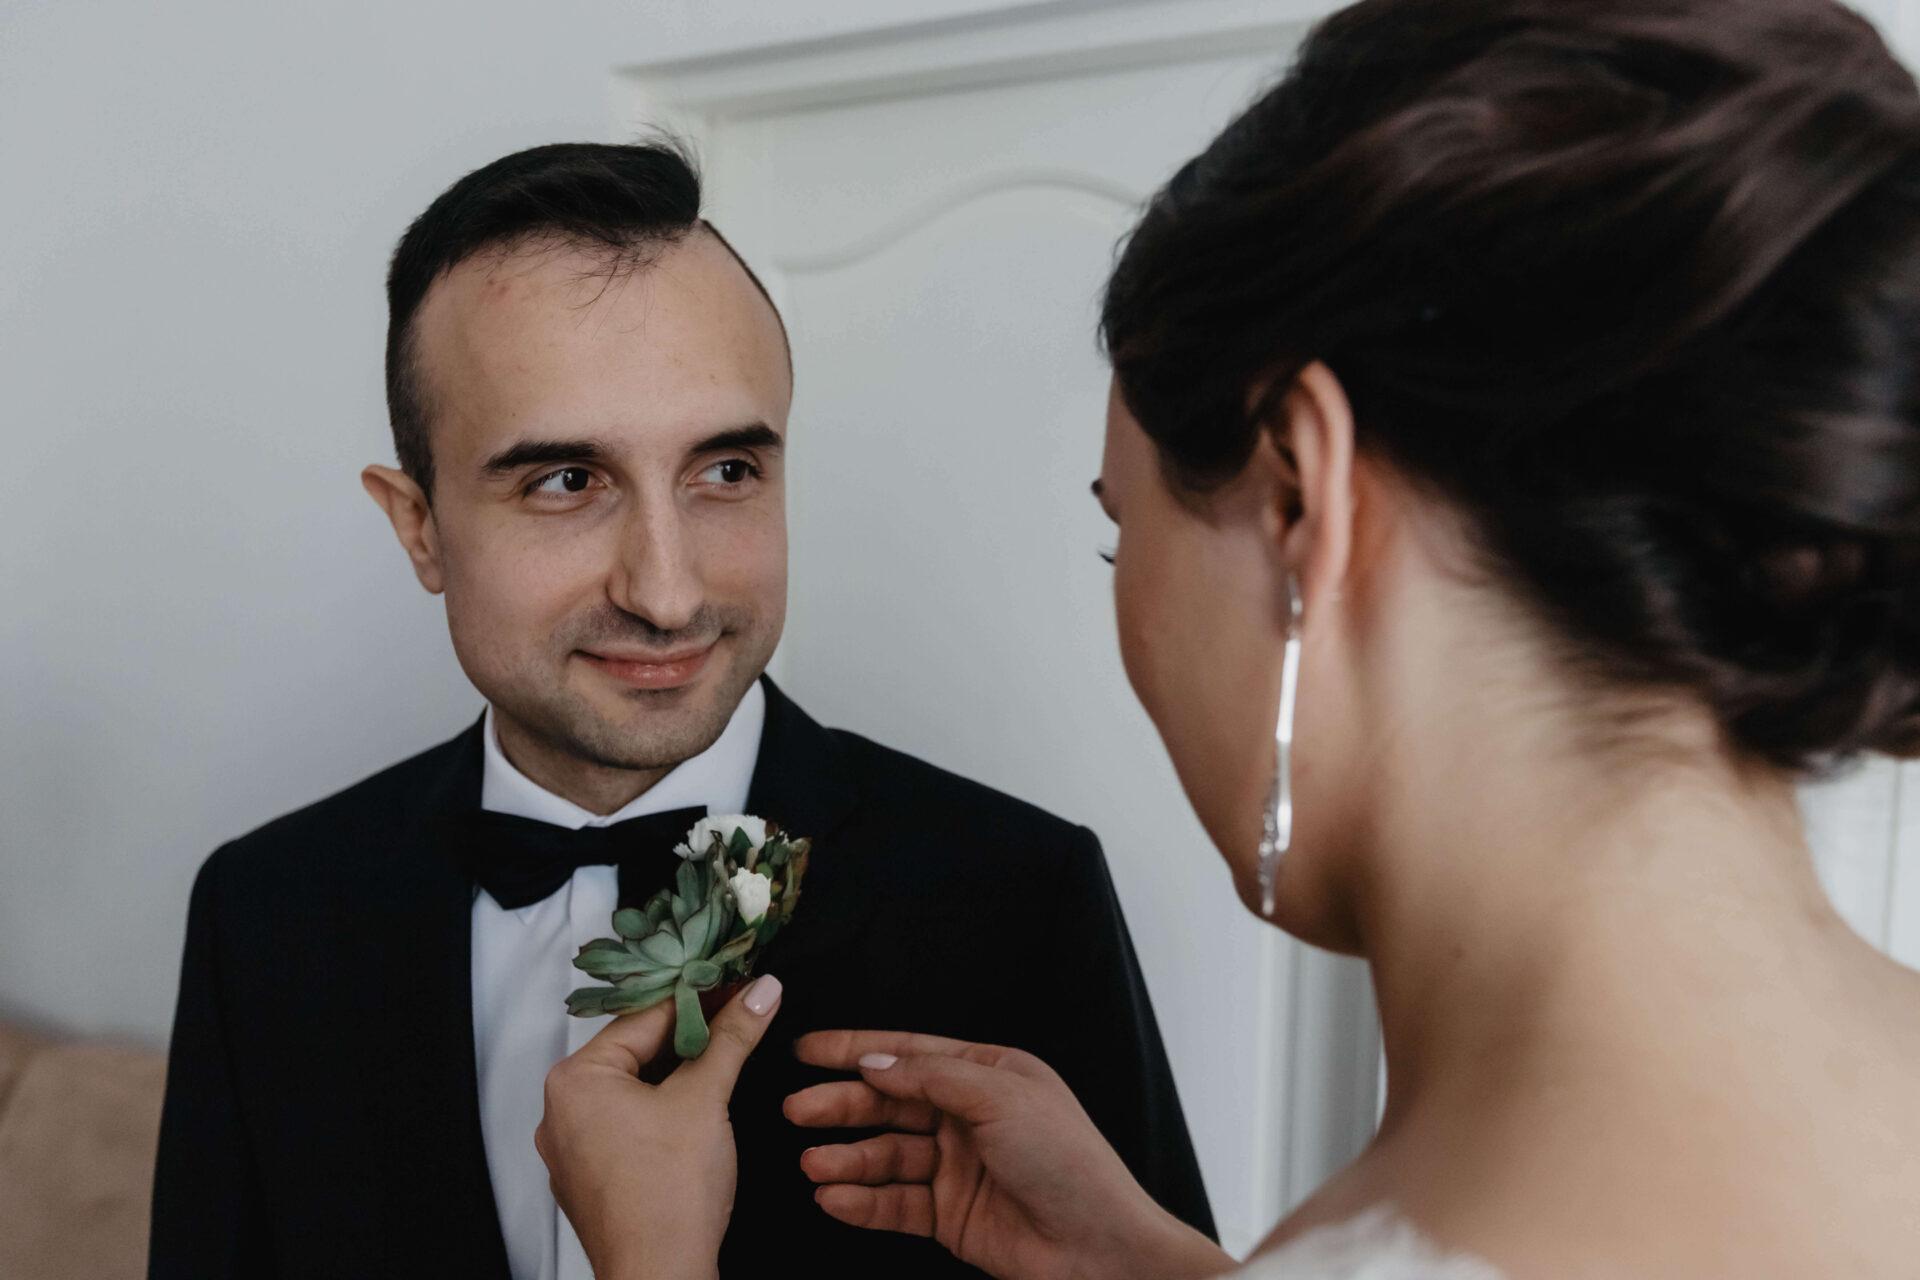 Ślub prawosławny w Cerkwi św. Marii Magdaleny | S & M